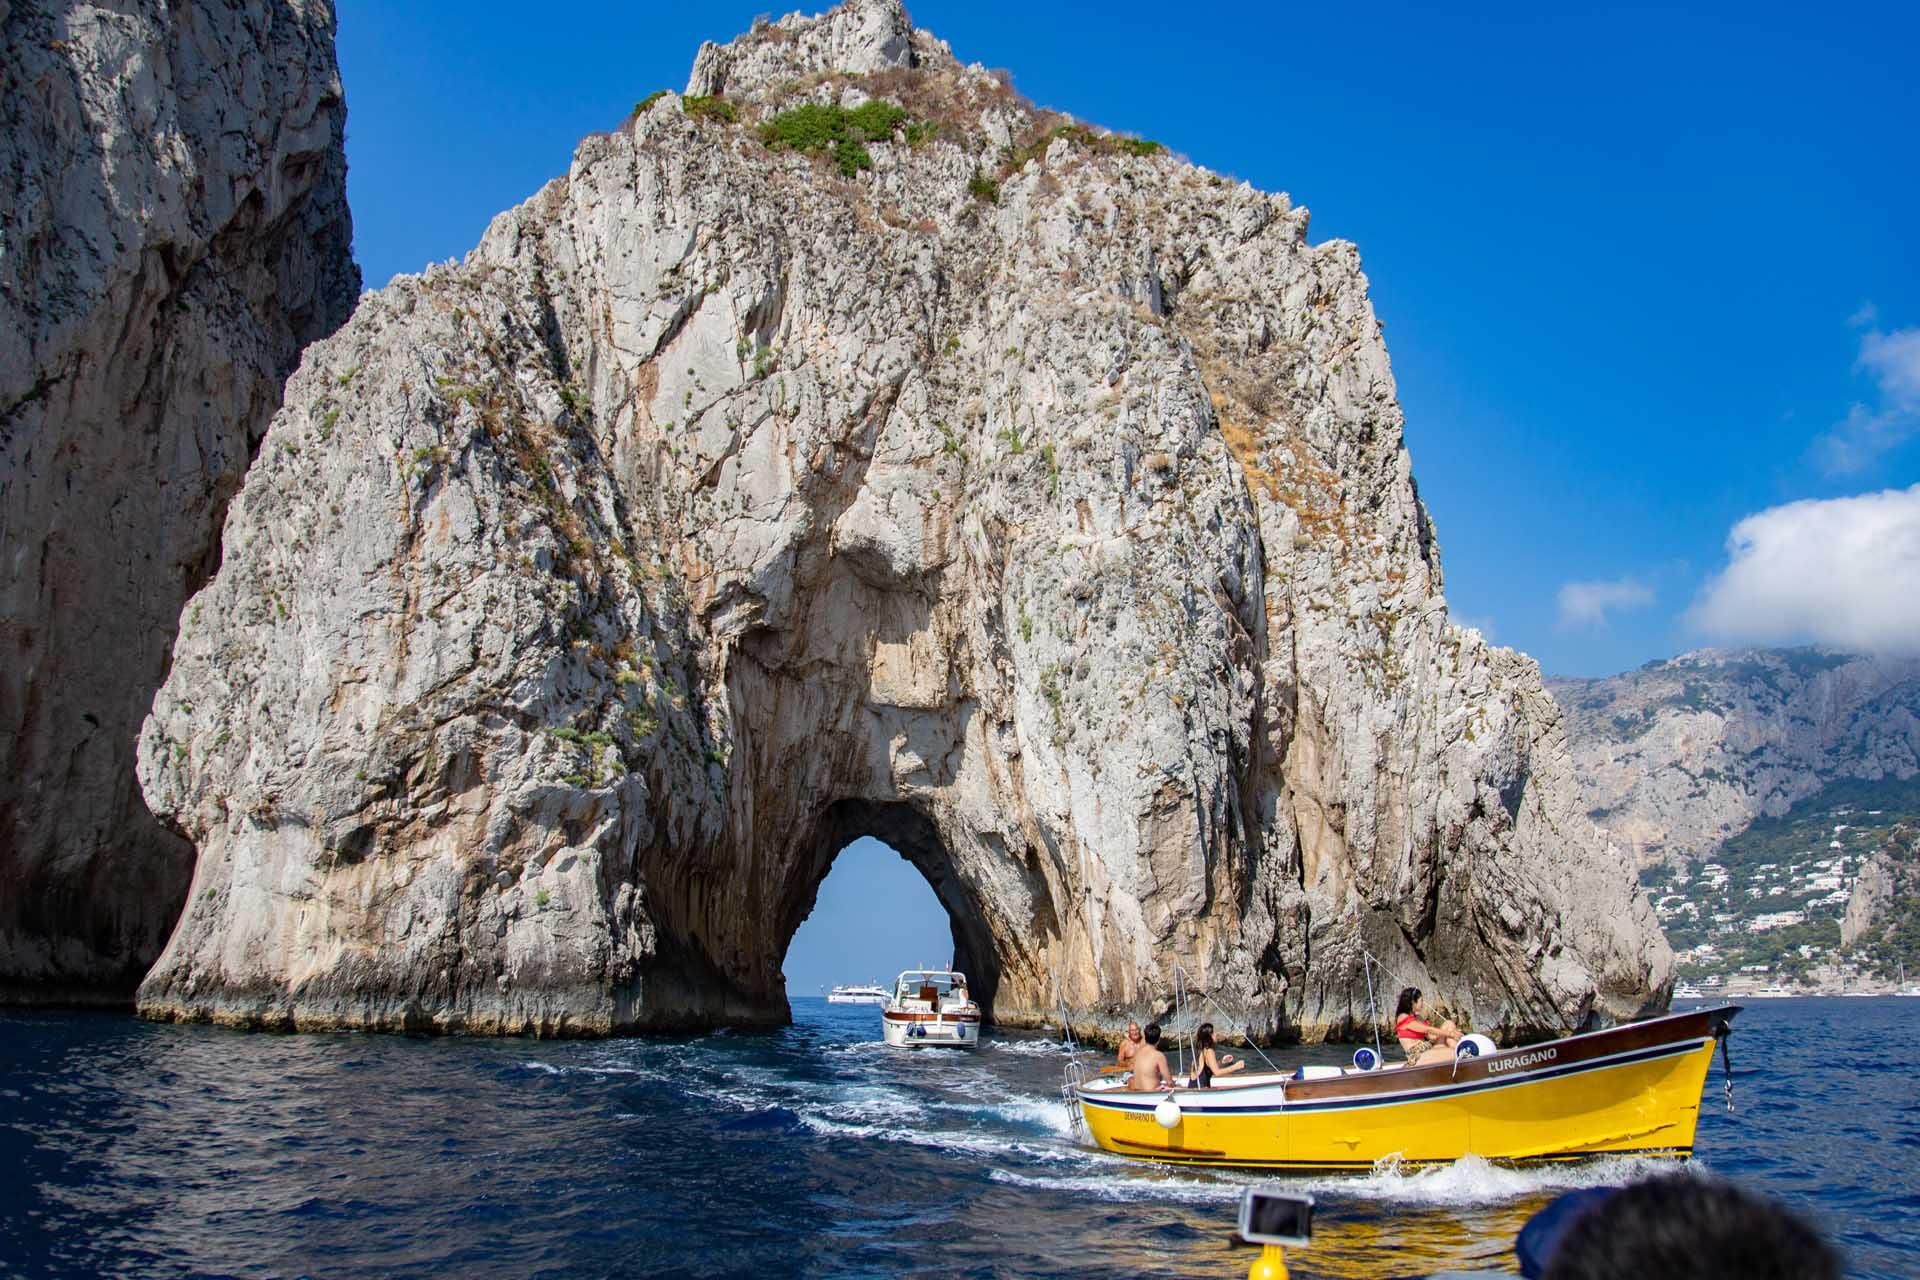 Passage with the boat under the Capri Faraglione